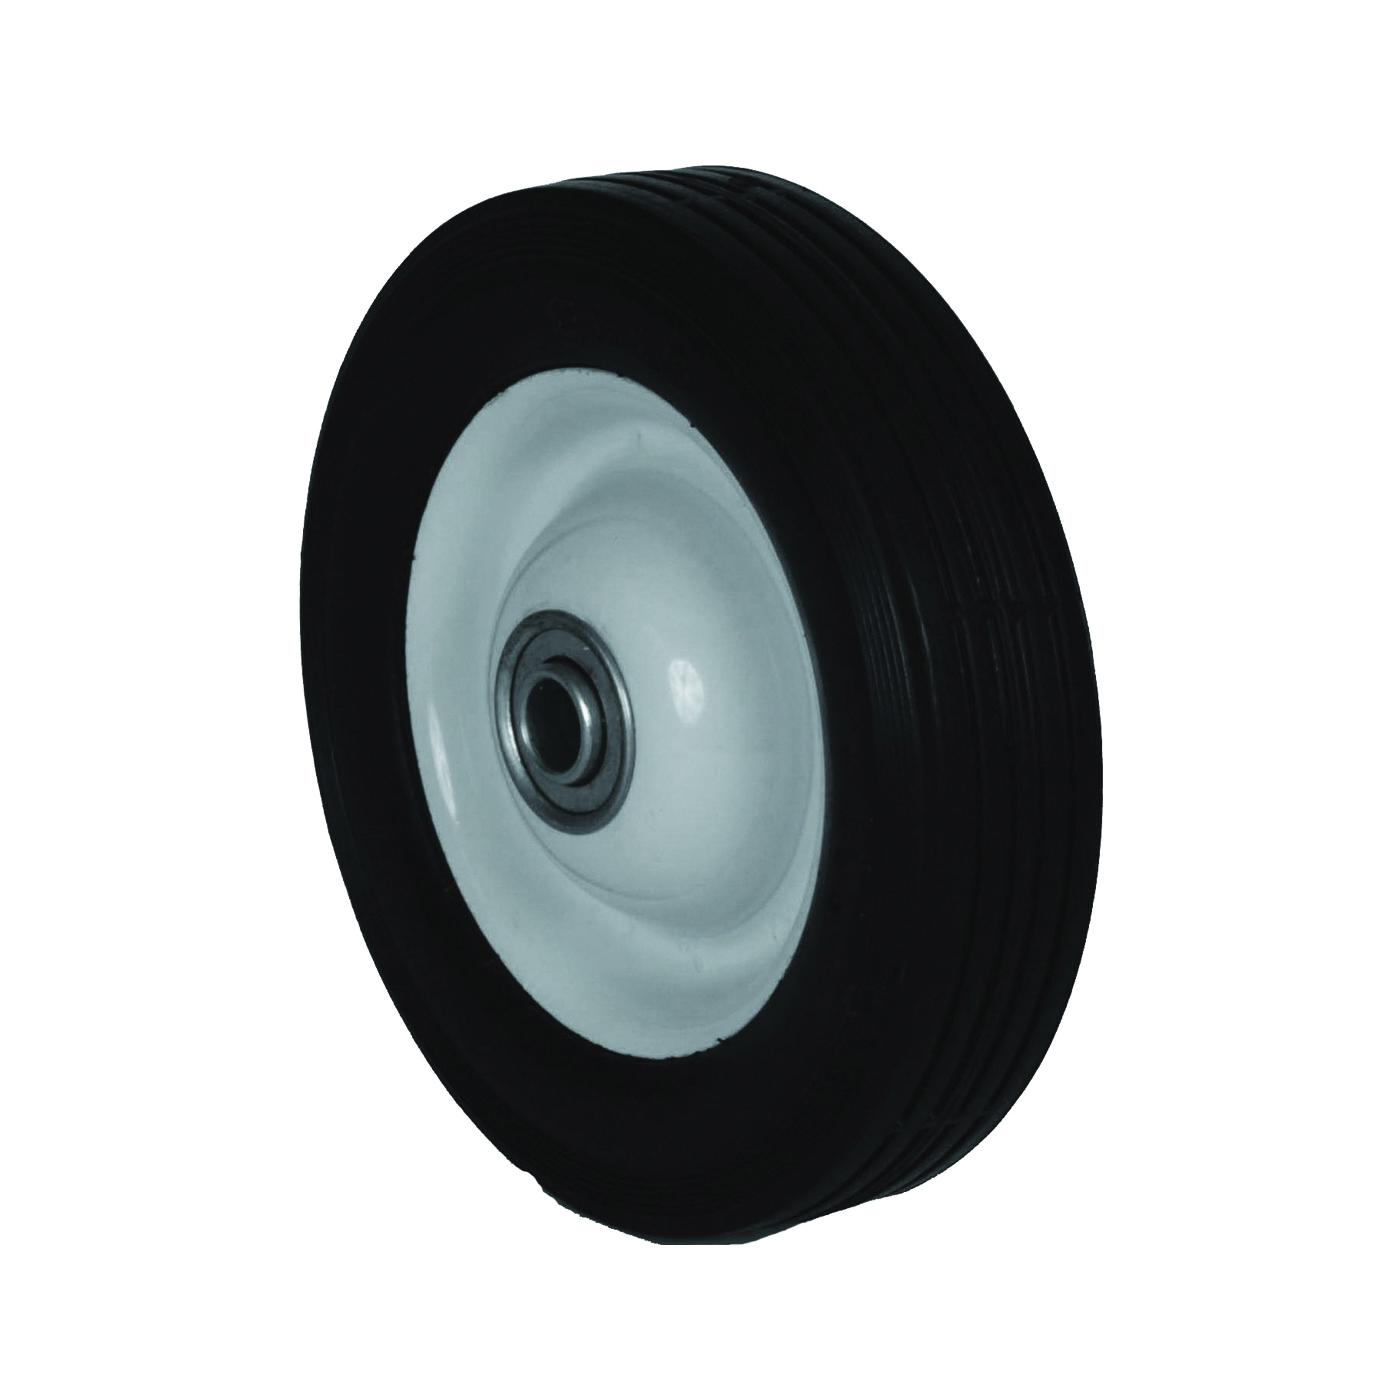 Picture of MARTIN WHEEL 615-R Lawn Mower Wheel, Steel